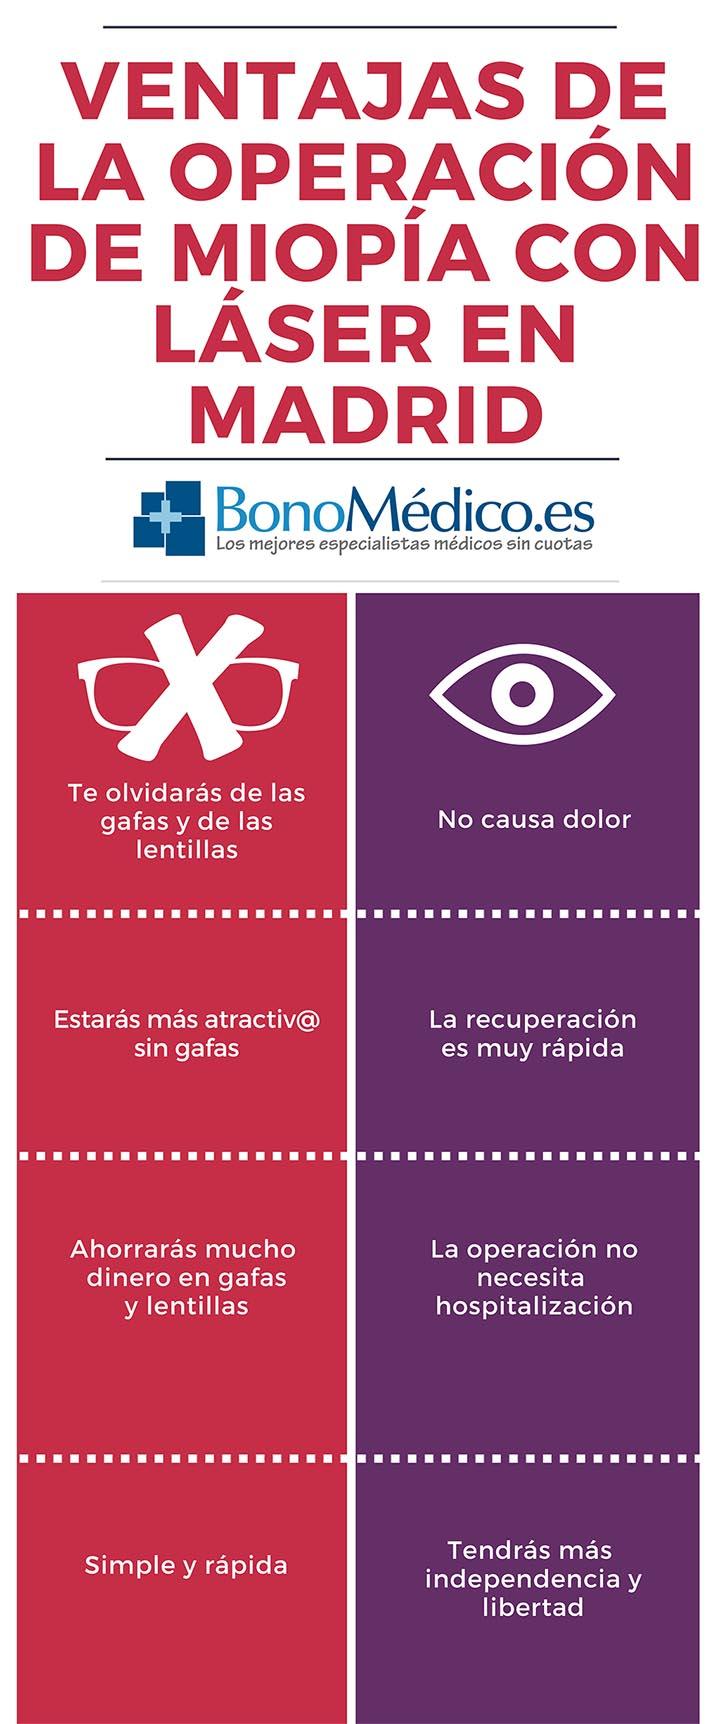 Ventajas de la operación de miopía en Madrid (clic para ampliar)